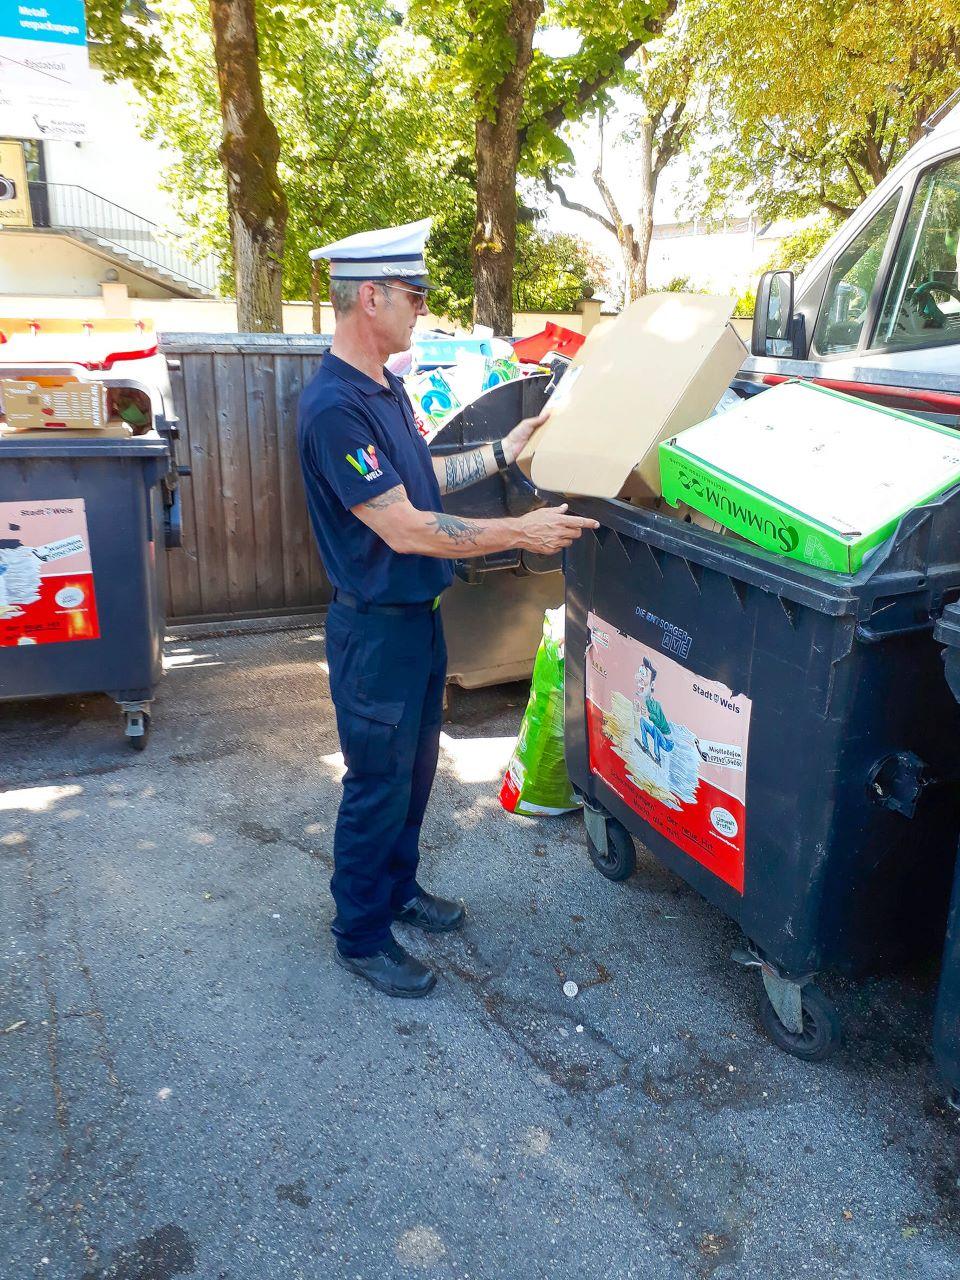 Ein Mitarbeiter der Ordnungswache Wels bei der Indentitäsüberprüfung von illegal abgelagertem Papiermüll in einer Müllinsel